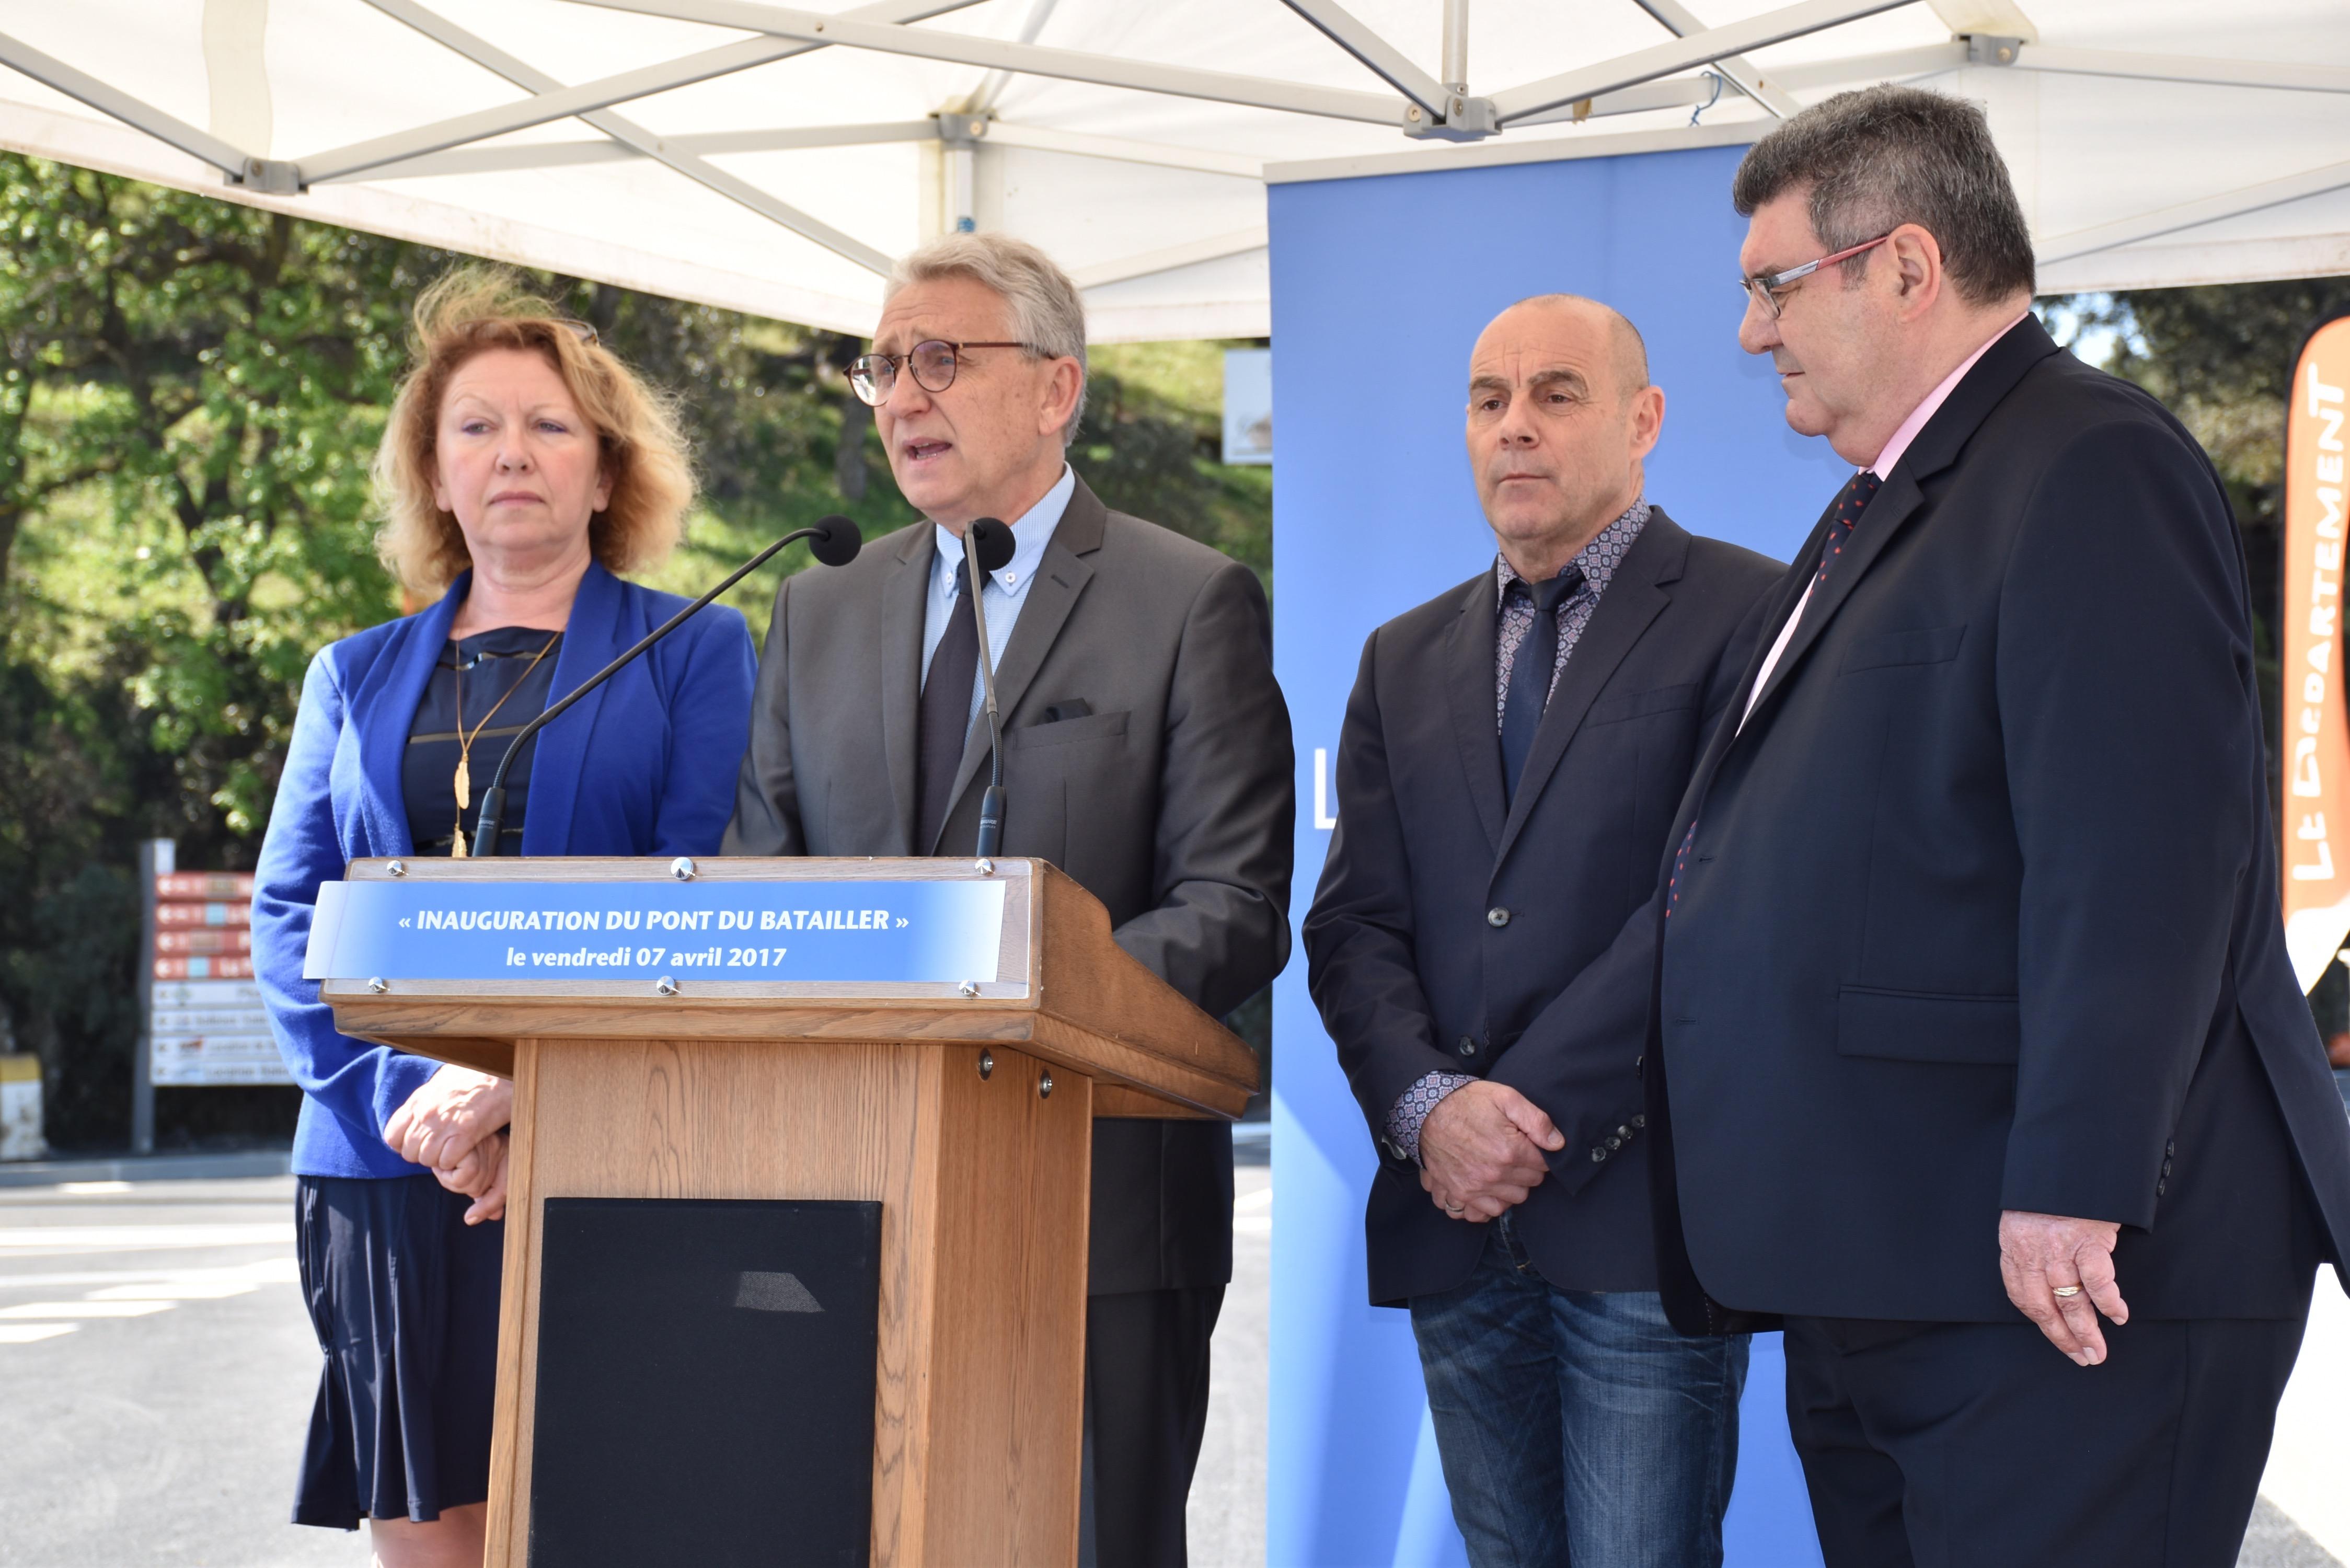 « Ce pont s'inscrit dans la continuité d'un programme de travaux de 10 millions d'euros, allant du canal de dérivation de la Vieille vers le Batailler, à l'élargissement de son estuaire, au recalibrage de ses berges en génie végétal… mais il n'est pas une fin en soi. Il n'est qu'une étape, certes importante, mais d'autres aménagements suivront. (…) Nous pourrons estimer que le travail de protection des populations sera accompli qu'après l'élargissement de cette rivière en amont du pont, et  jusqu'à celui de l'Avenue Vincent Auriol » Gil Bernardi, Président du SIPI - Maire du Lavandou